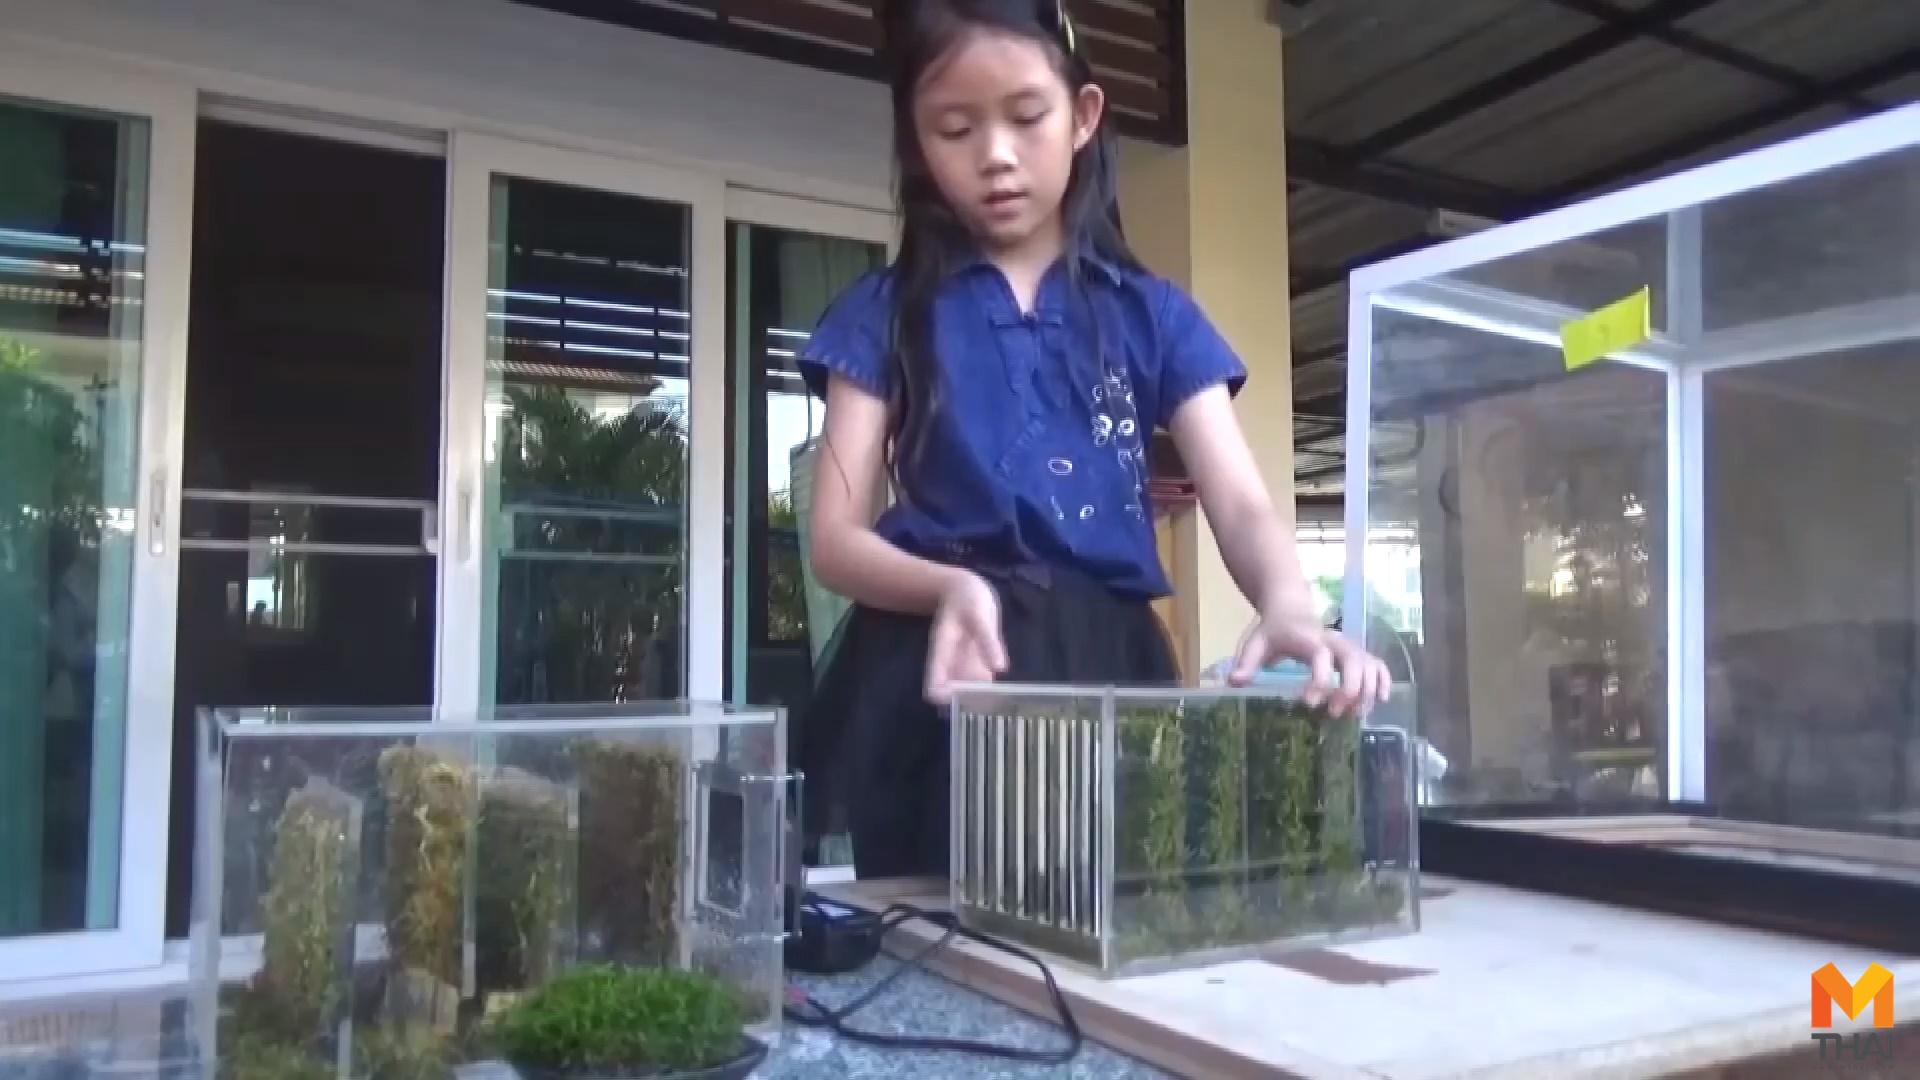 PM 2.5 ข่าวภูมิภาค ต้นมอส ปลูกมอส ฝุ่นละออง